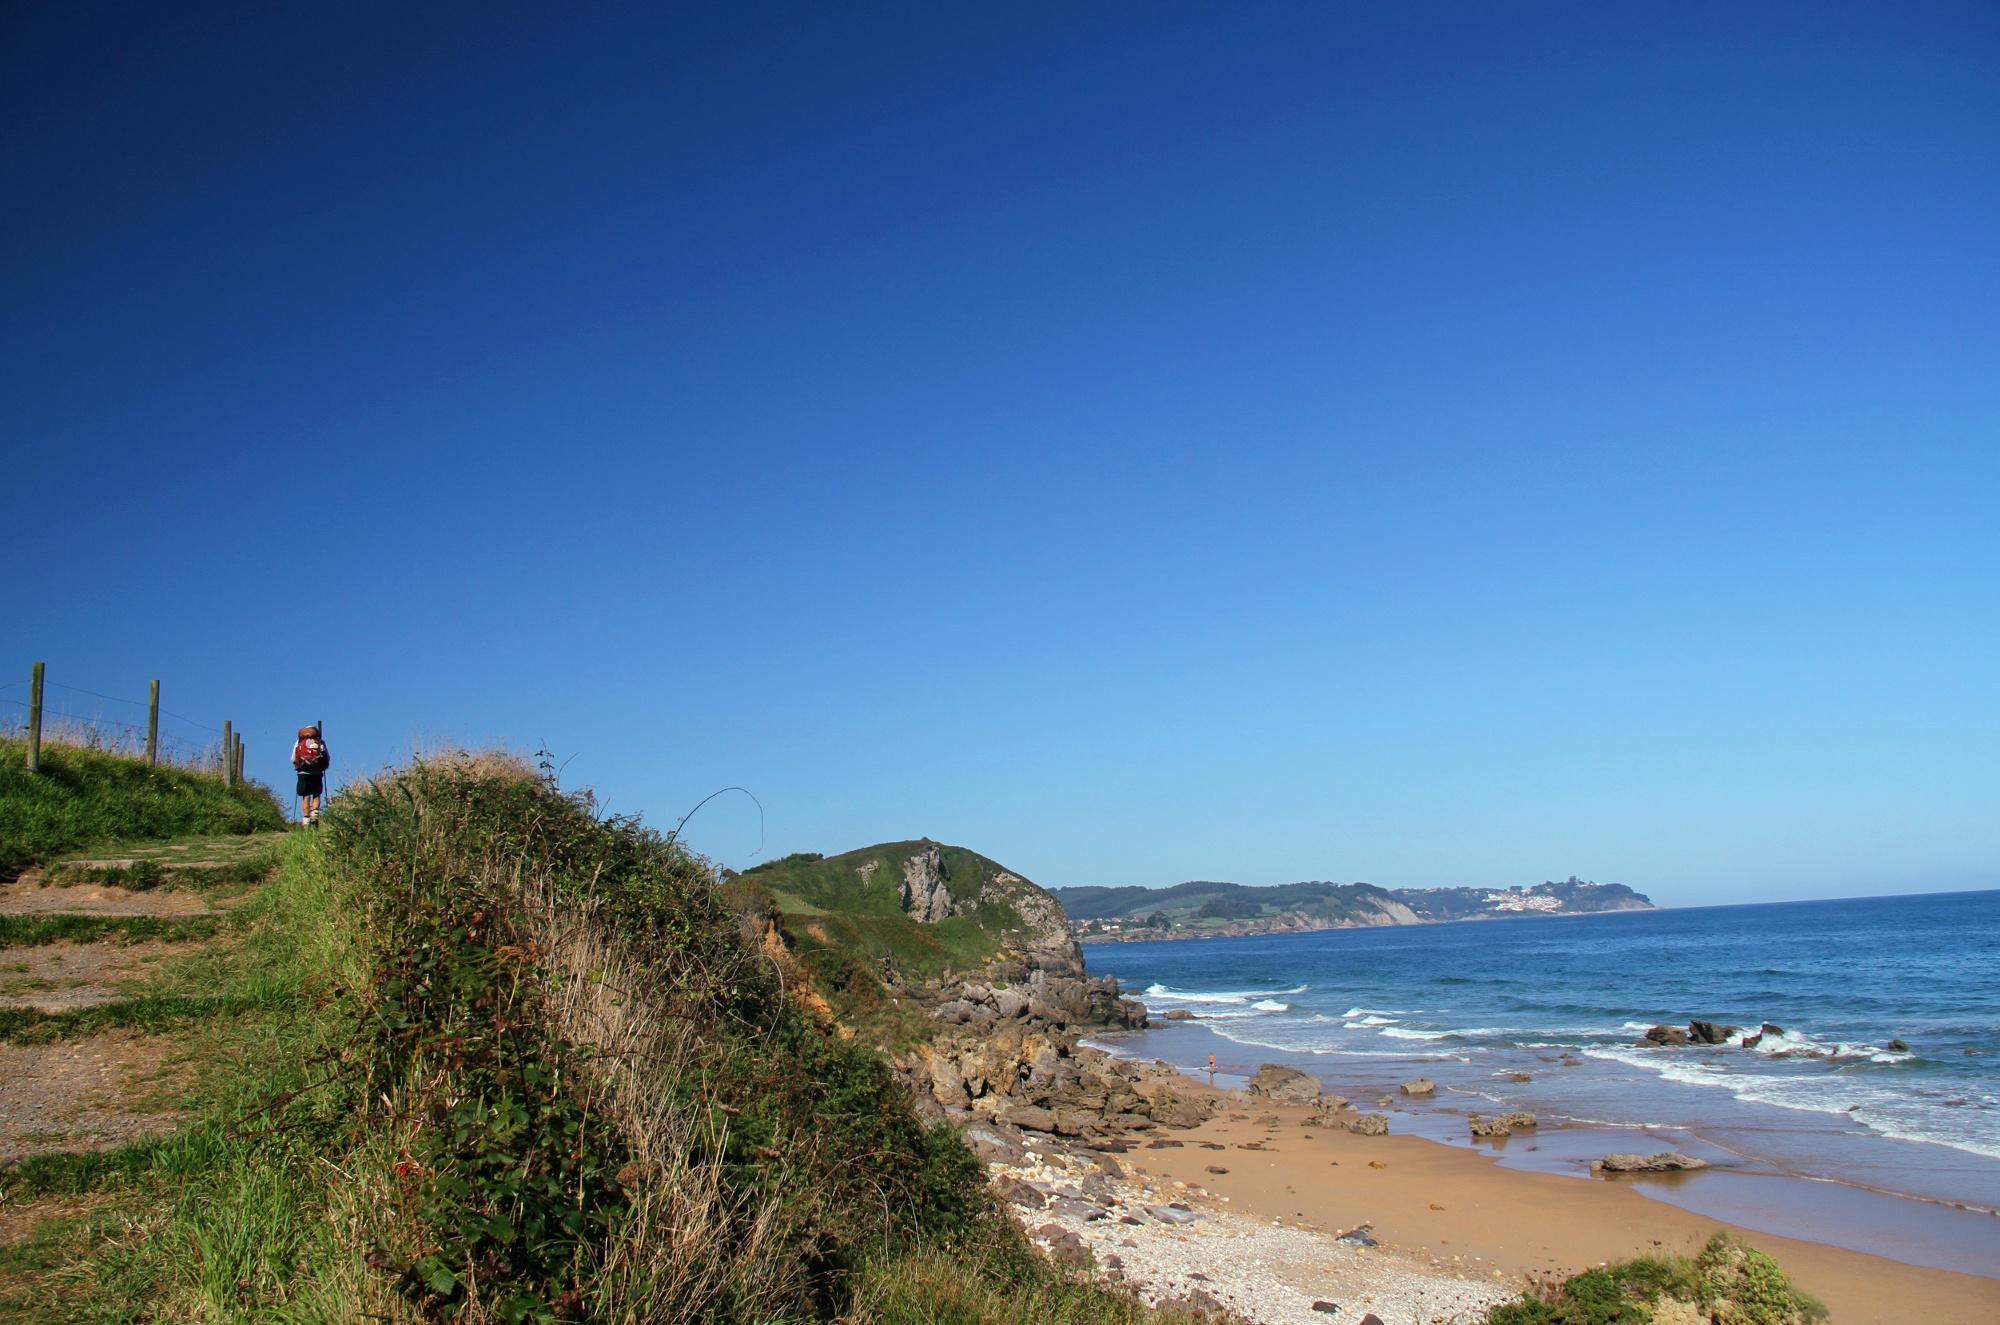 Considerado a única do Caminho Norte a seguir pela costa, a comunidade de Astúrias abriga paisagens que refrescam o peregrino, ao longo dos 815 km até Santiago de Compostela, como o trecho Arenal de Moris a La Isla, uma caminhada curta de 4,5 km de extensão (foto: Eduardo Vessoni)